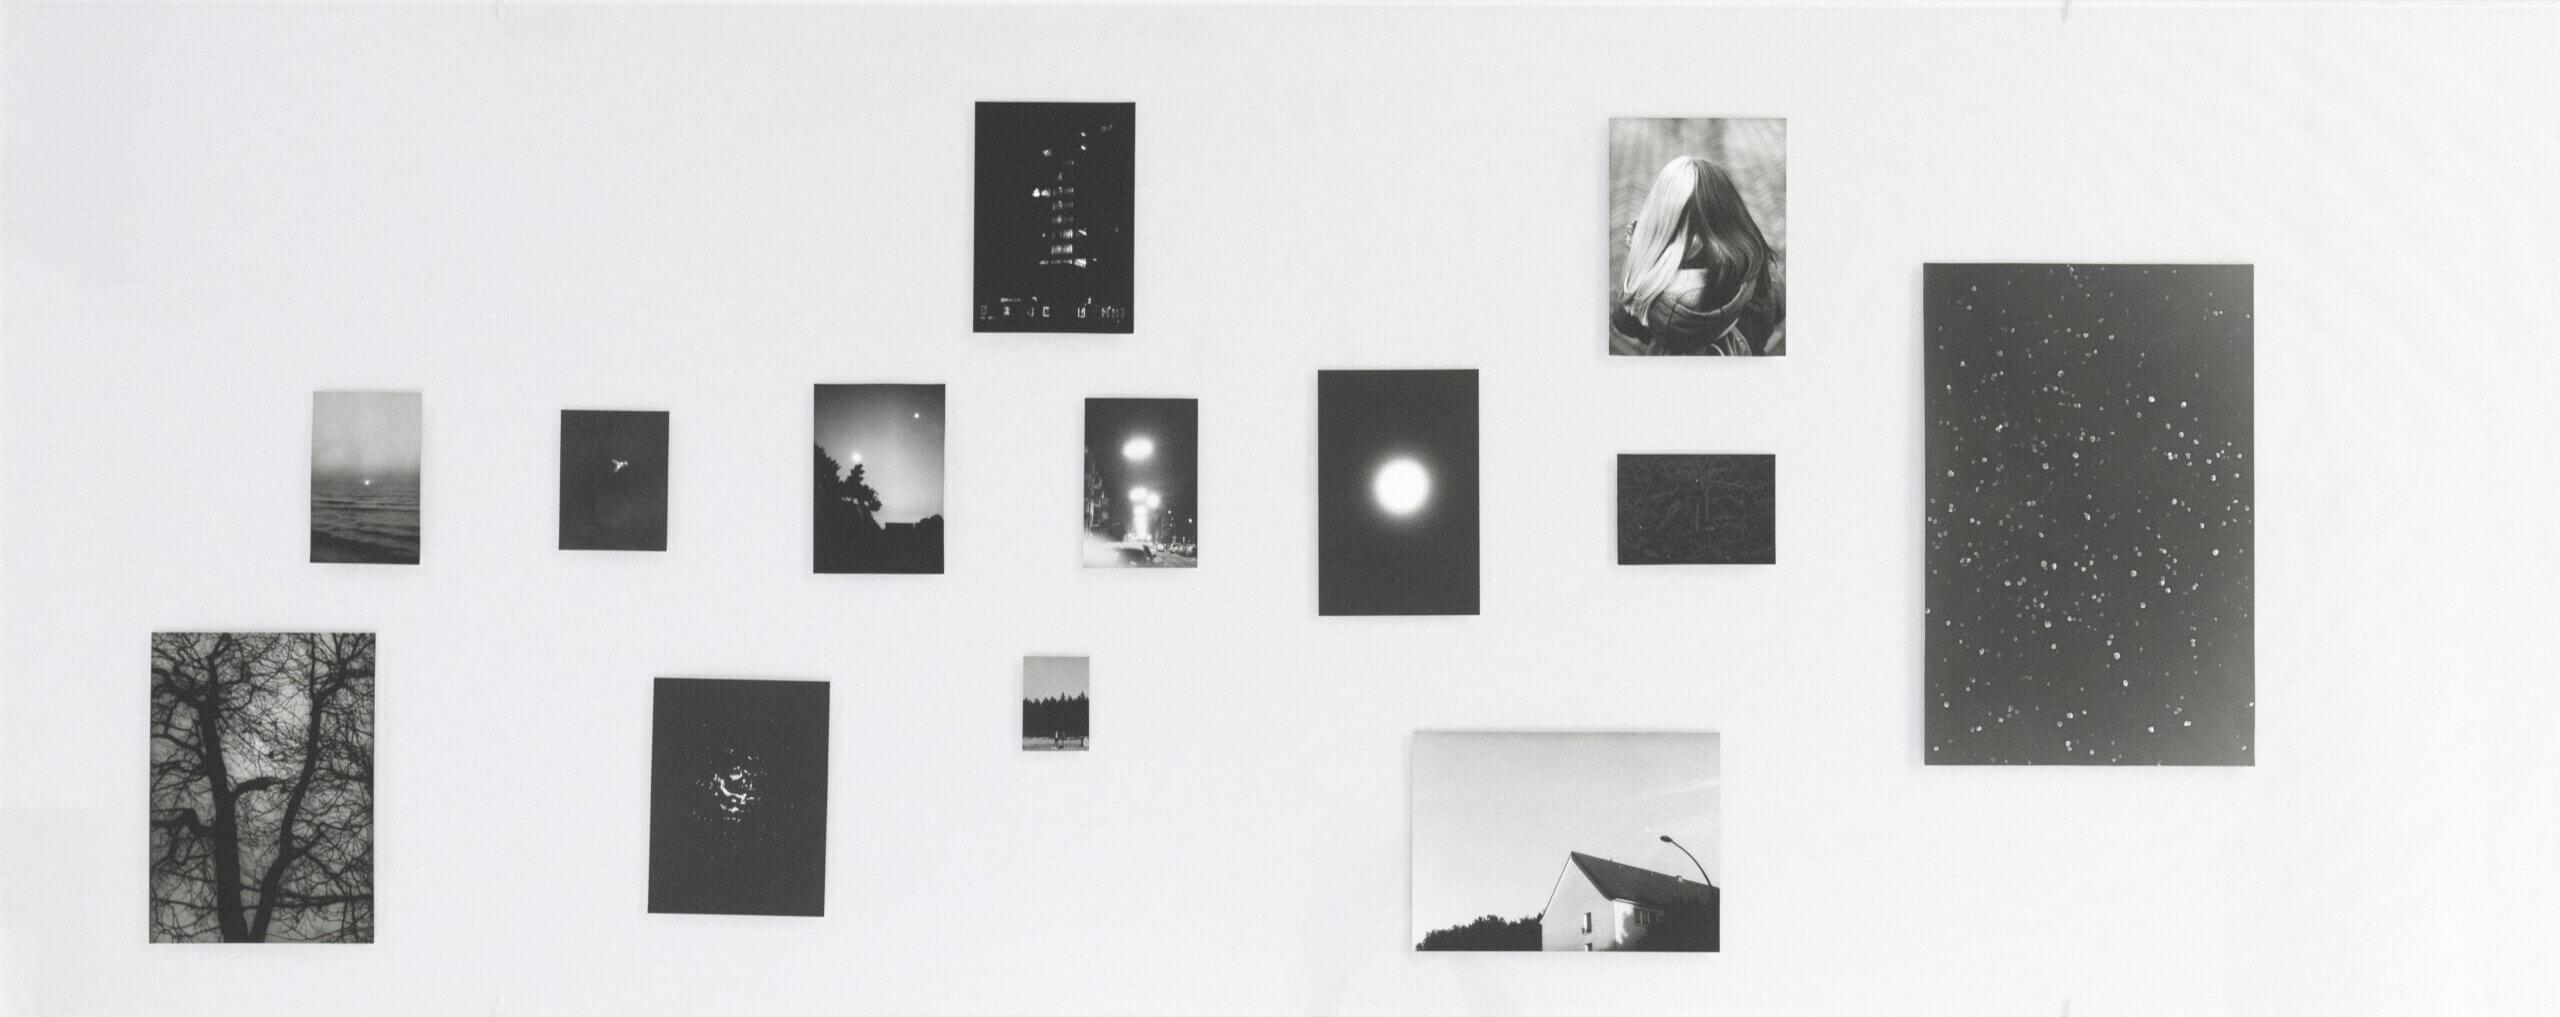 Visible Light II (vitrine), 2021 | JOCHEN LEMPERT: VISIBLE LIGHT | ProjecteSD